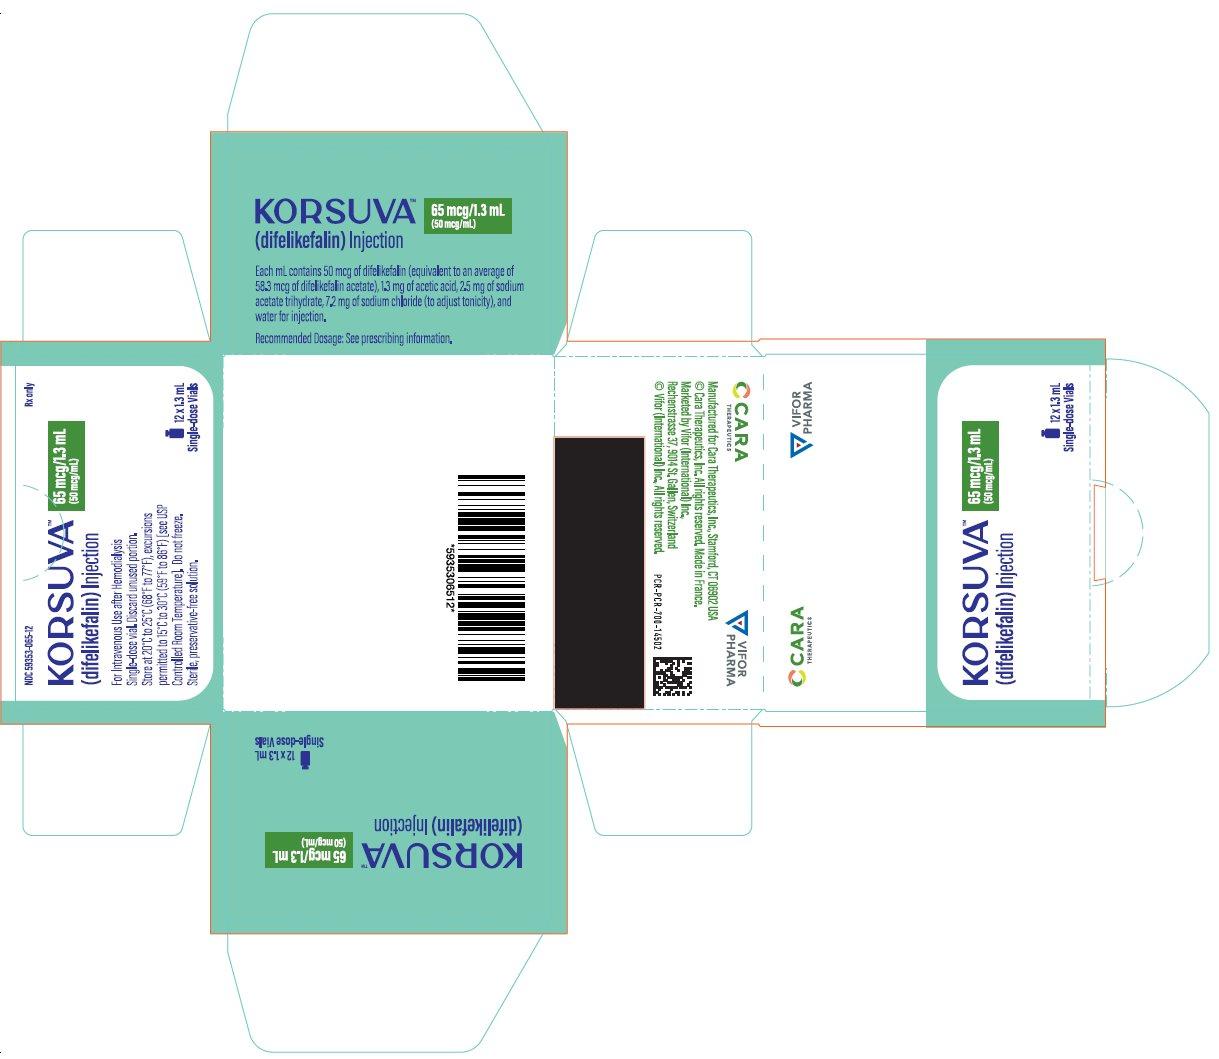 KORSUVA - difelikefalin injection, solution